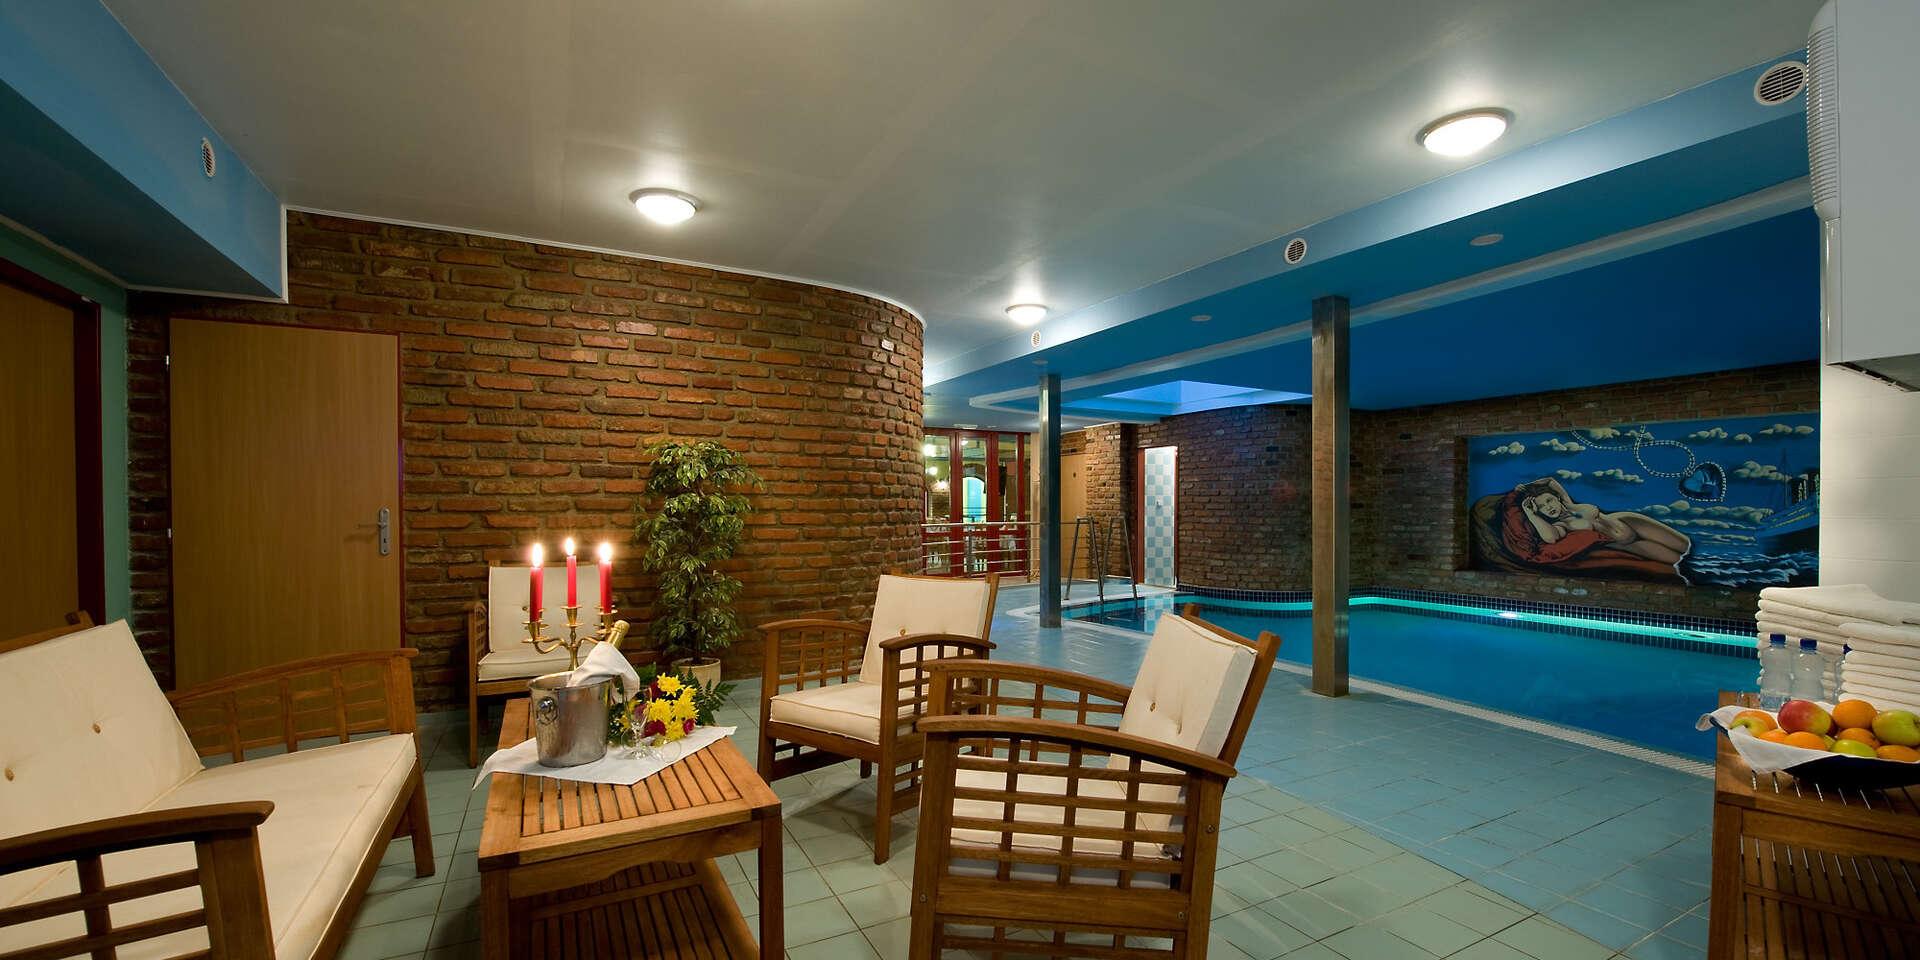 Romantika přímo v historickém centru Třebíče s večeří při svíčkách a neomezeným bazénem